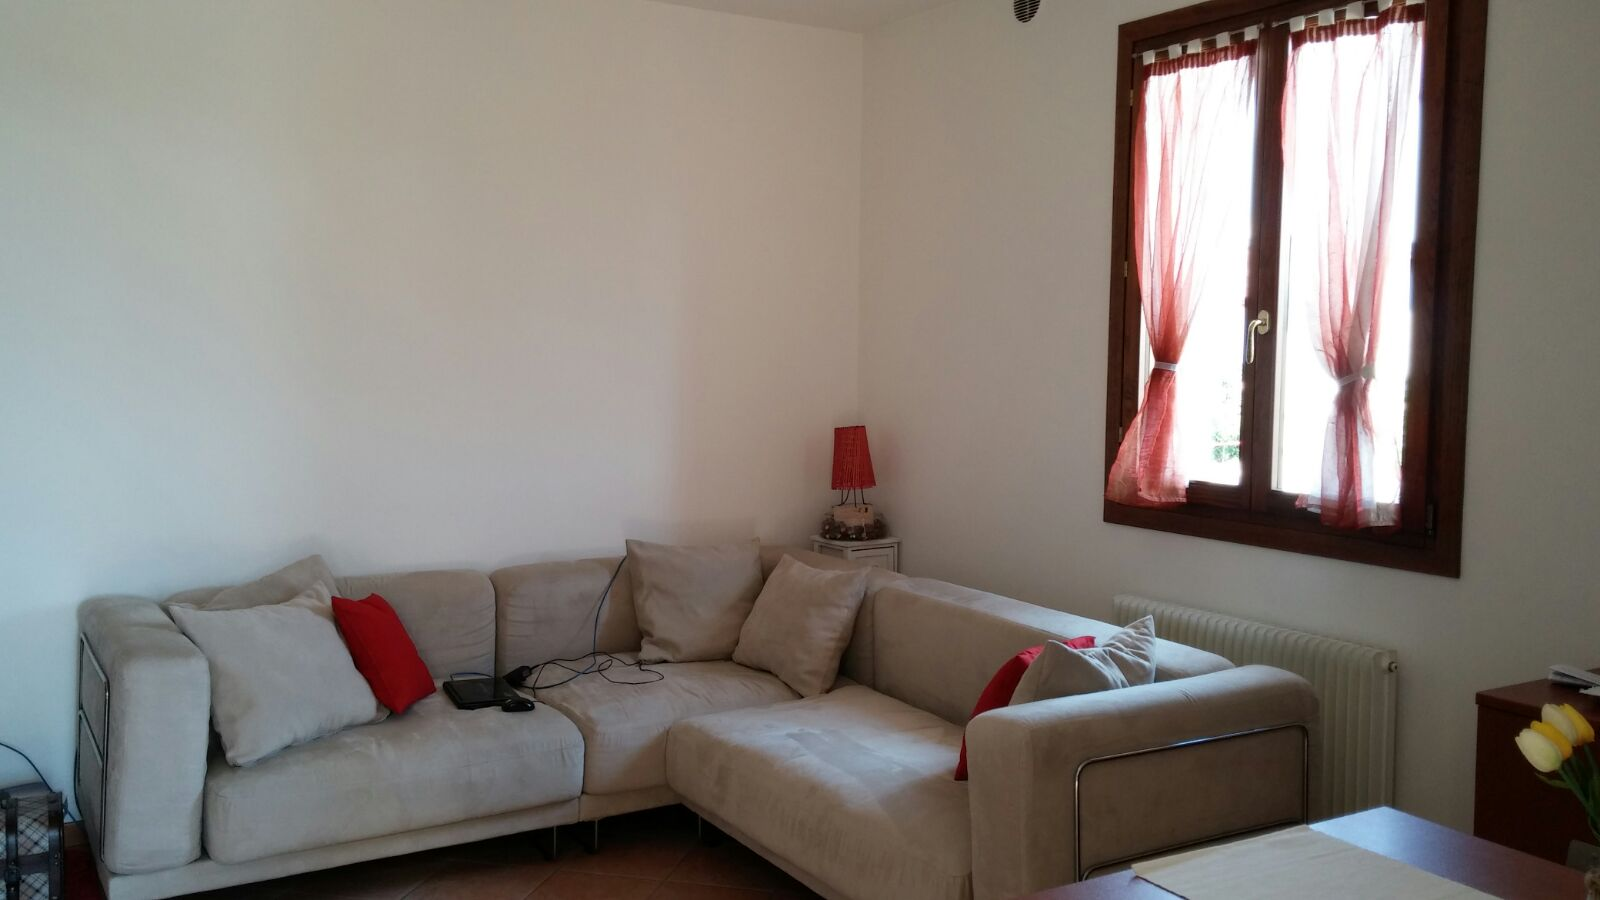 Appartamento in vendita a Maserada sul Piave, 3 locali, zona Località: Maserada, prezzo € 120.000 | Cambio Casa.it